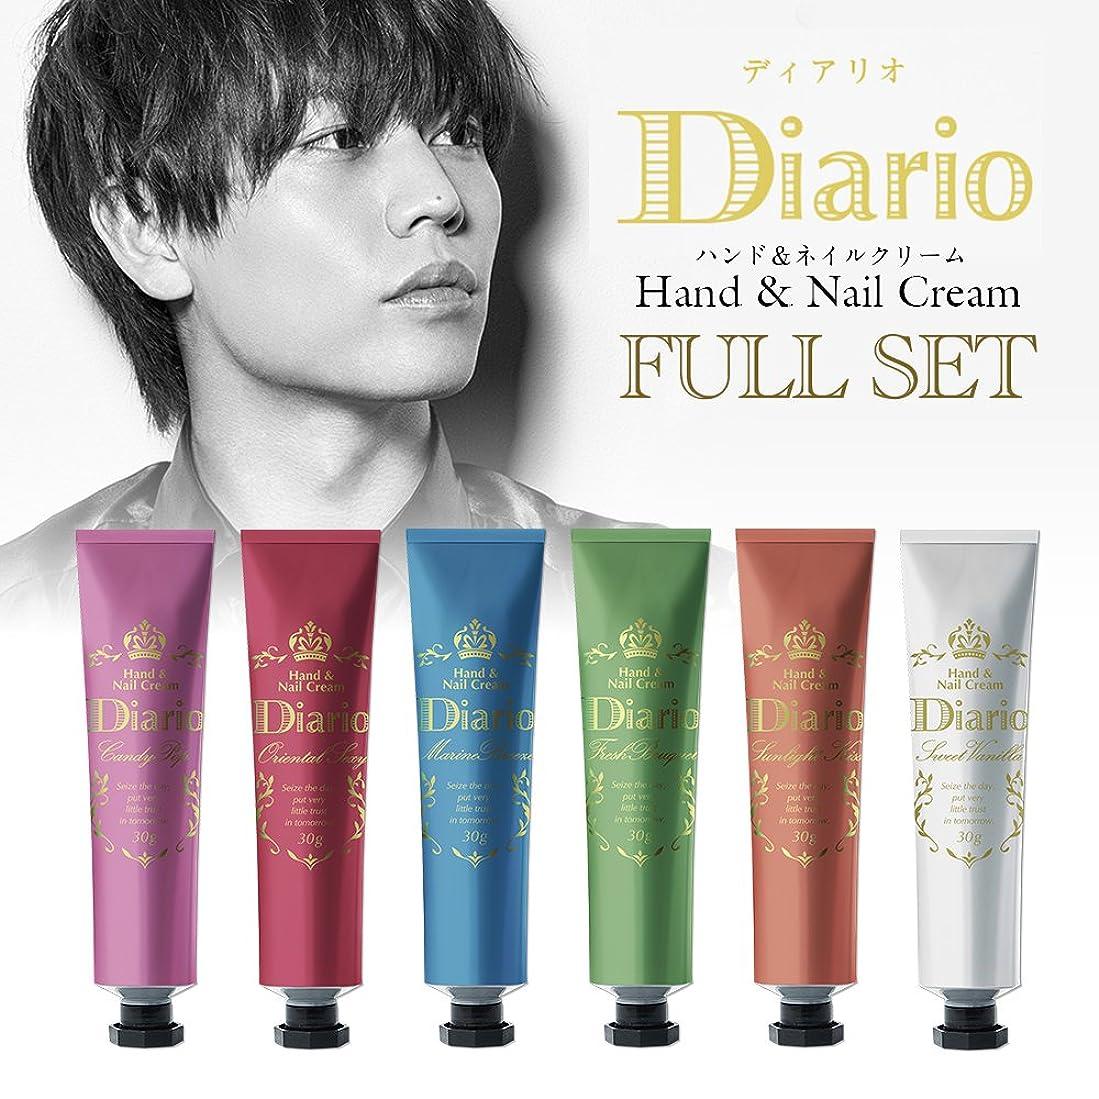 配列原油怪しい【全6種】Diario(ディアリオ) ハンド&ネイル クリーム (各30g) フルセット